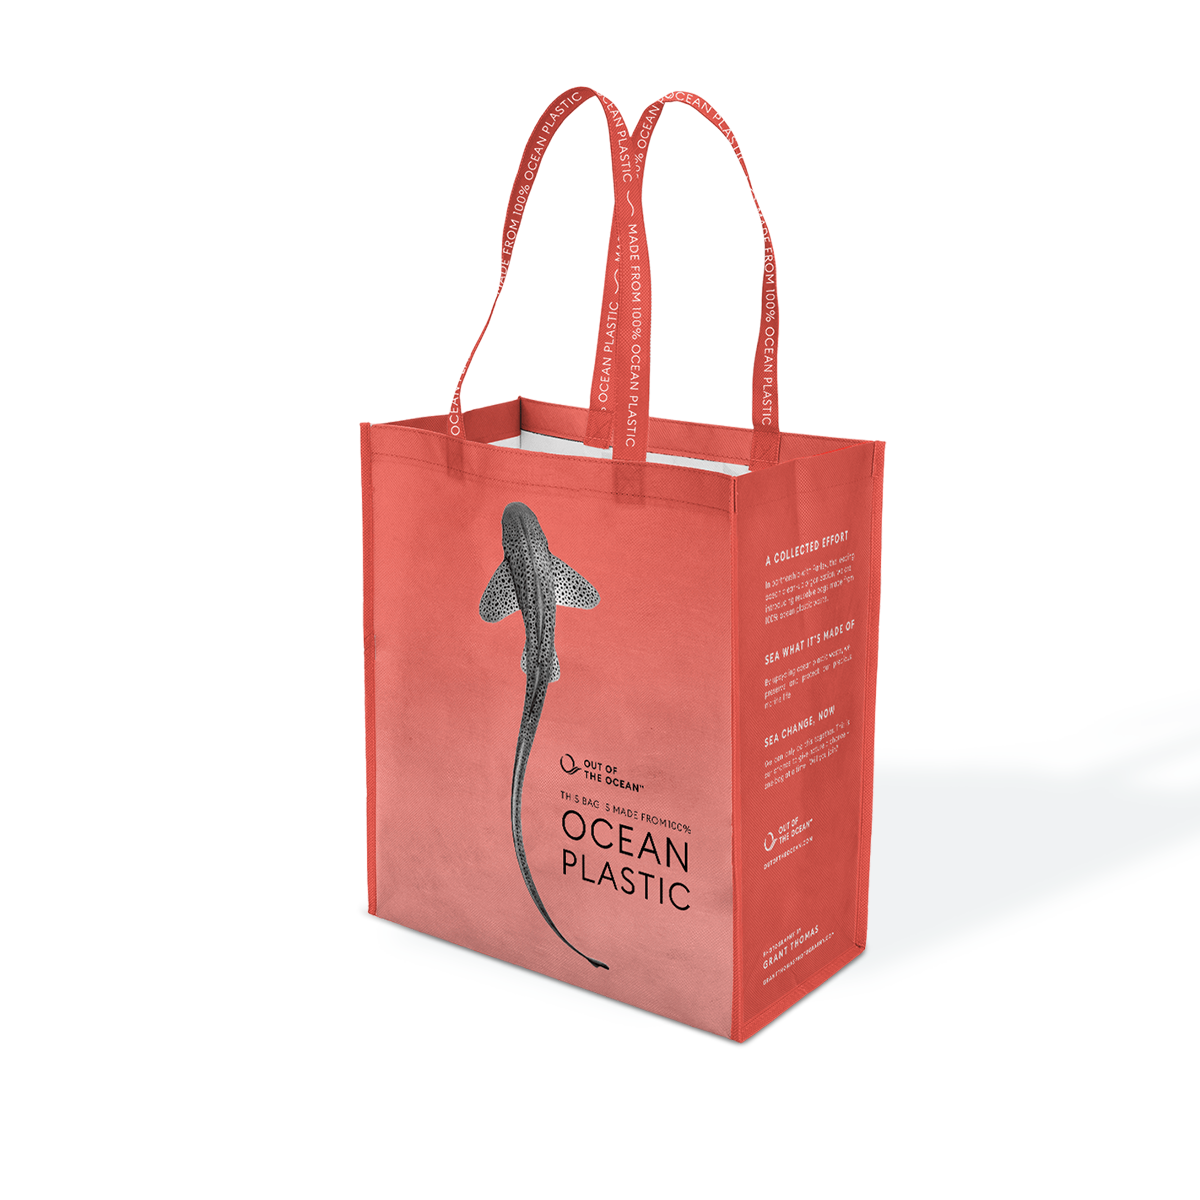 an image of a bag